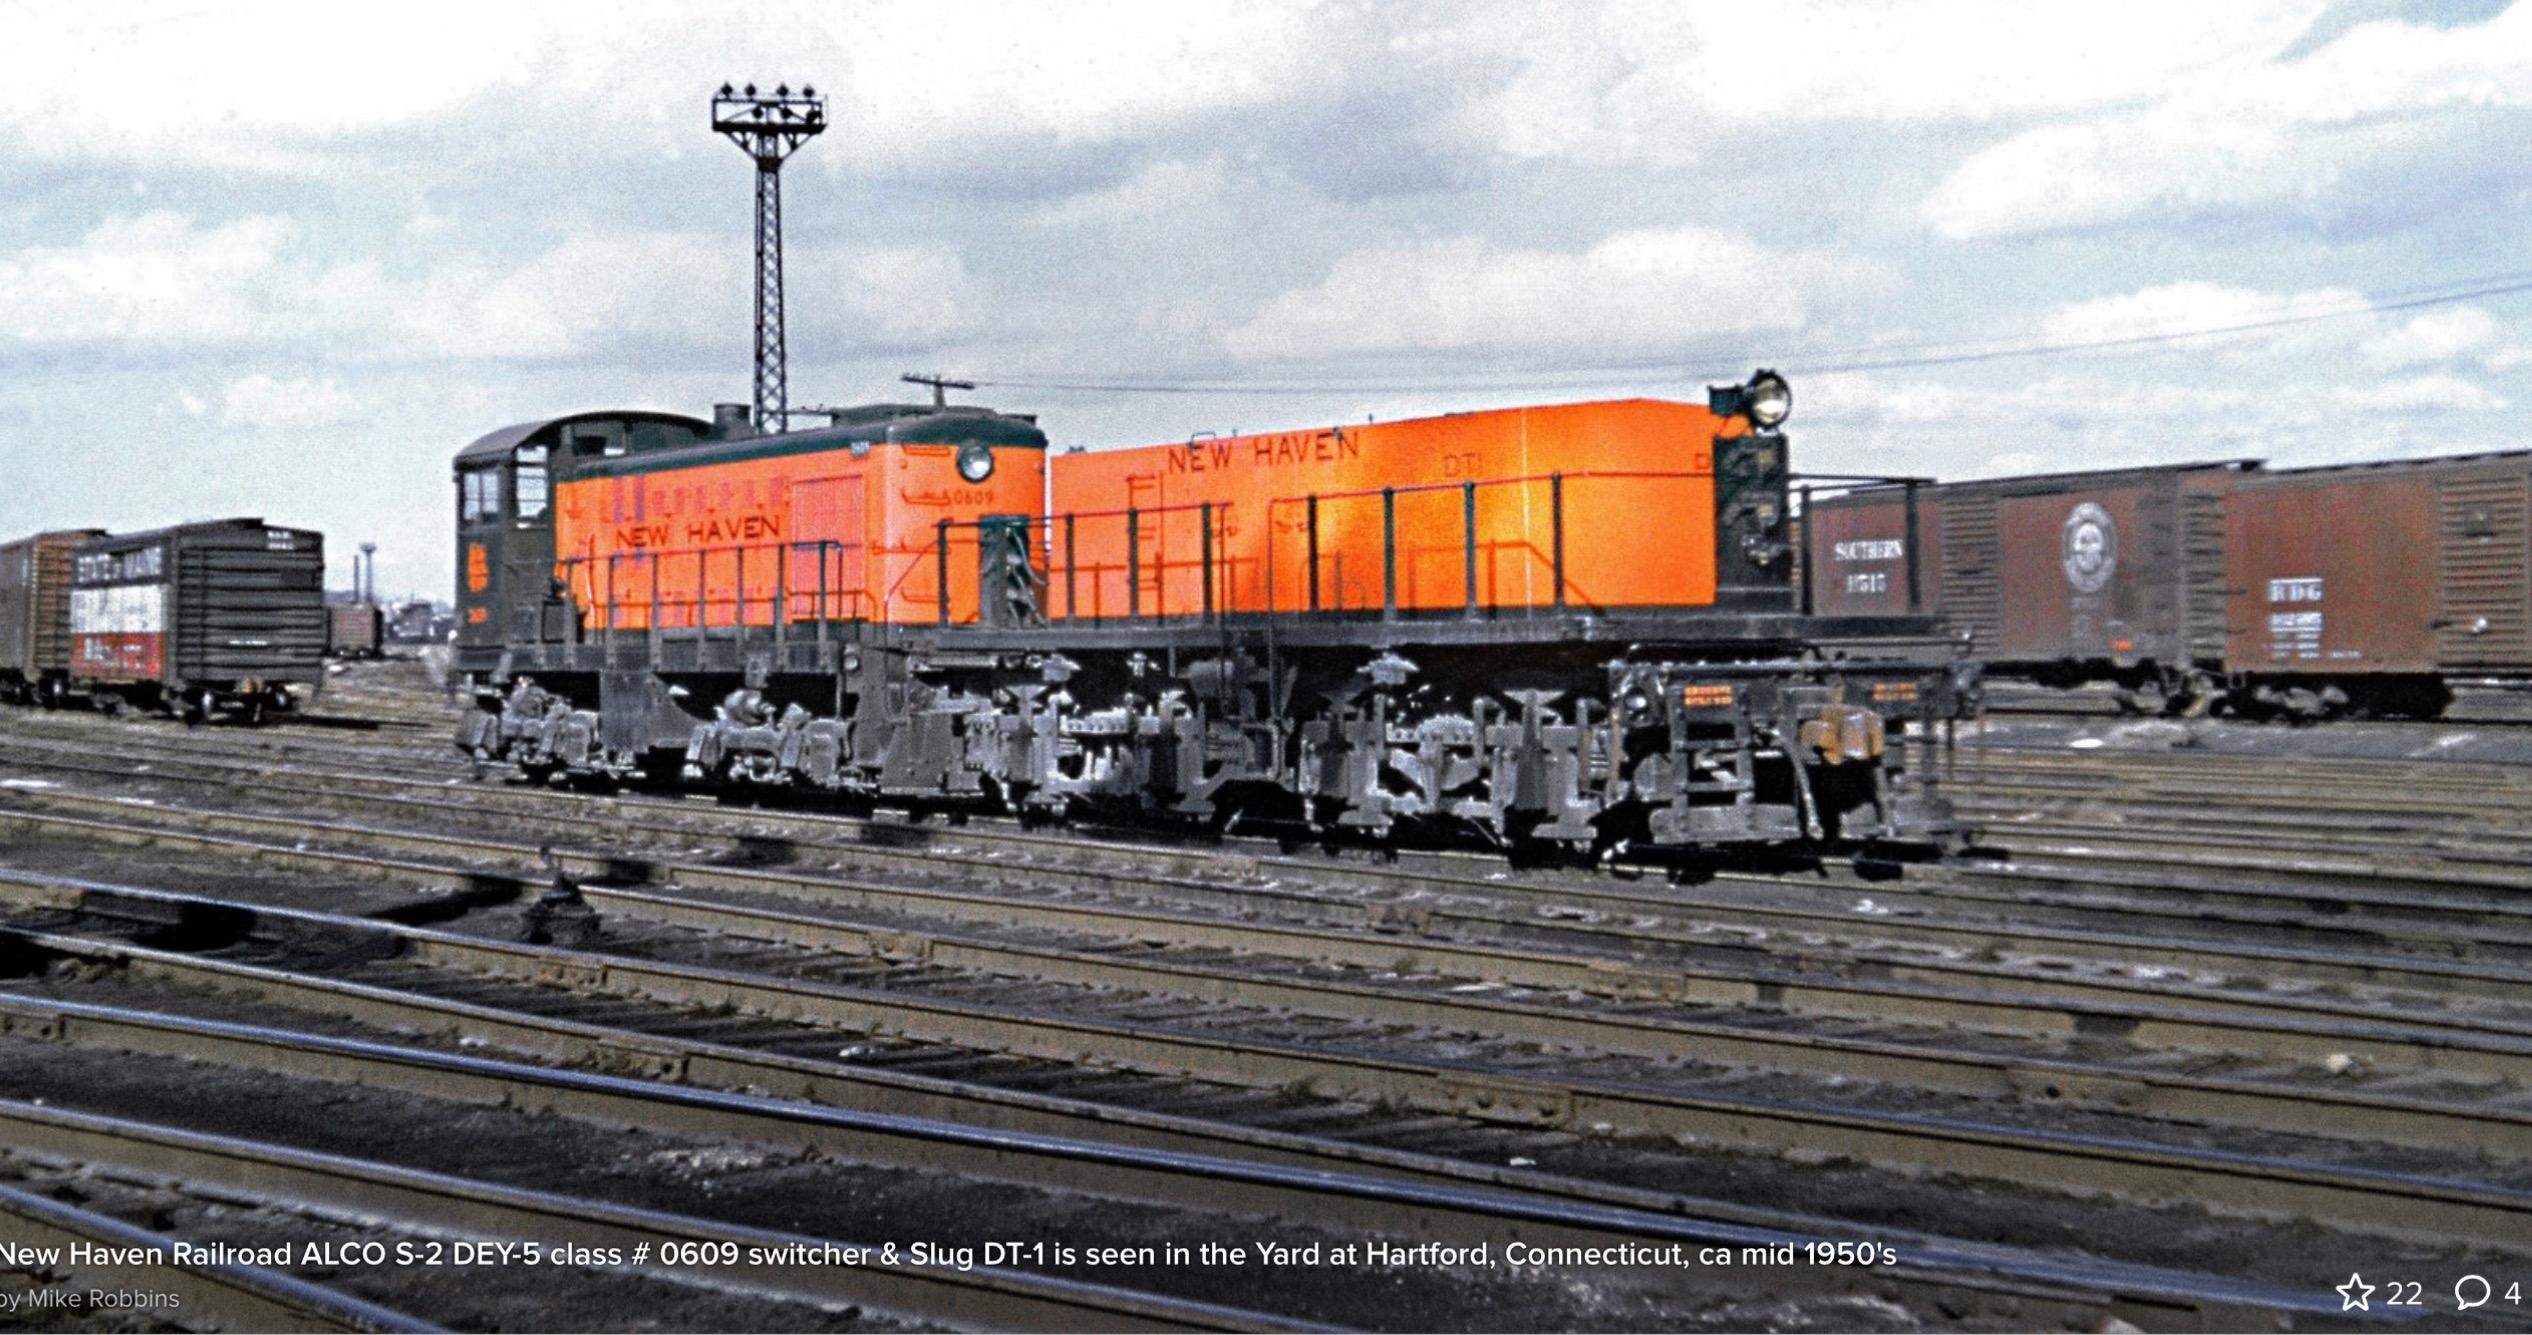 F7C3A8F1-1190-40D8-94DF-24590E6EECBF.jpeg